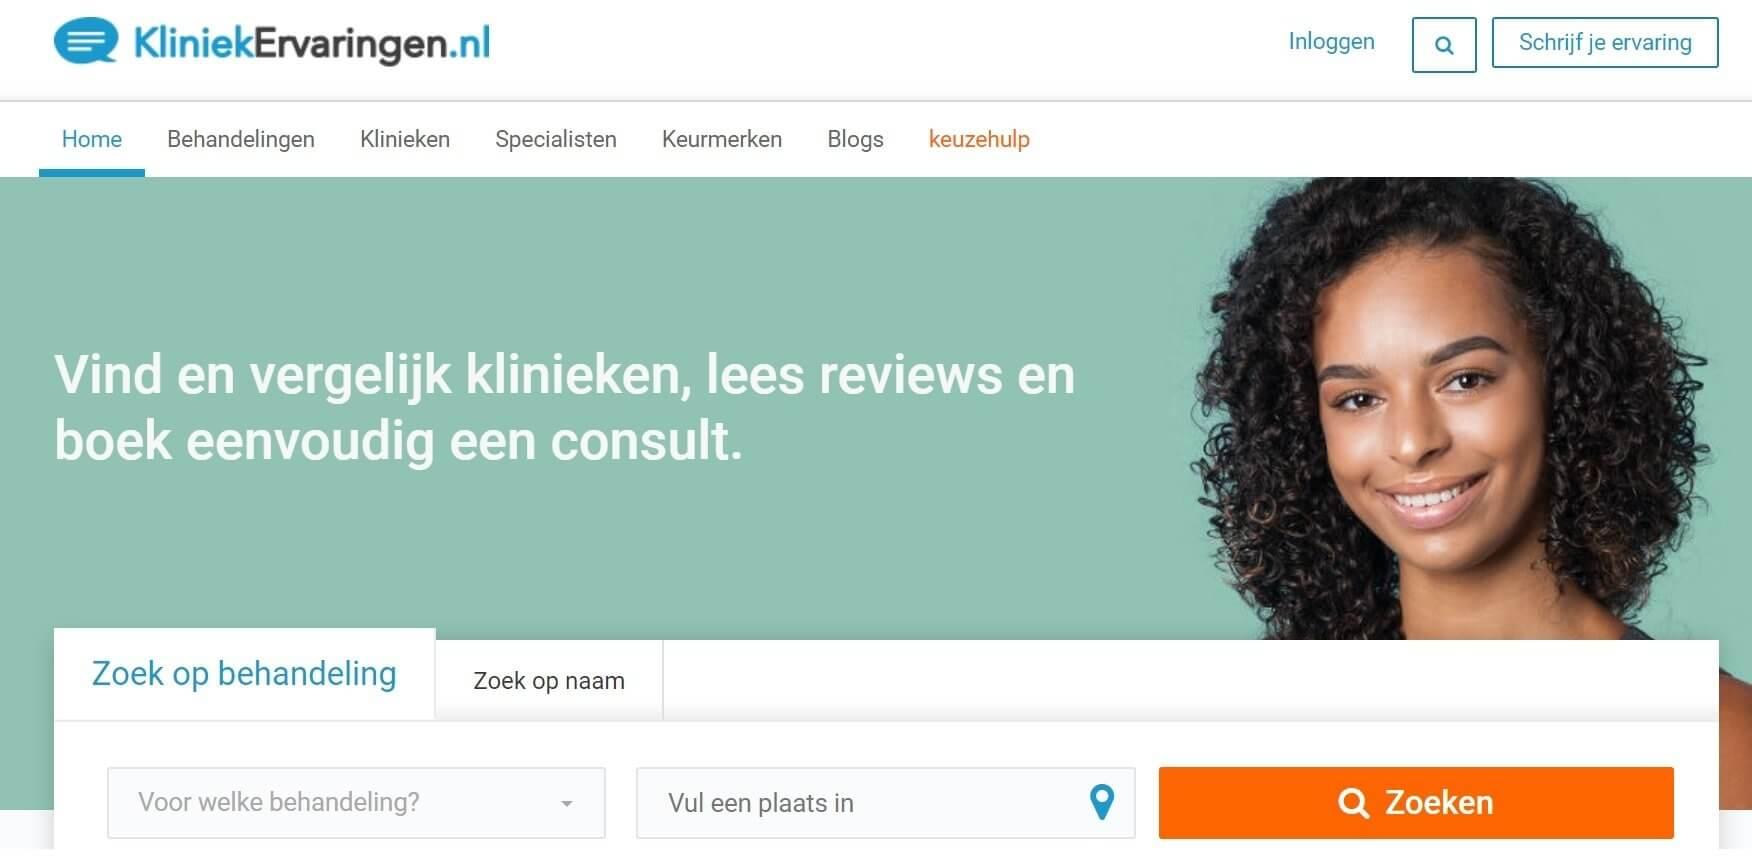 Screenshot kliniekervaringen.nl